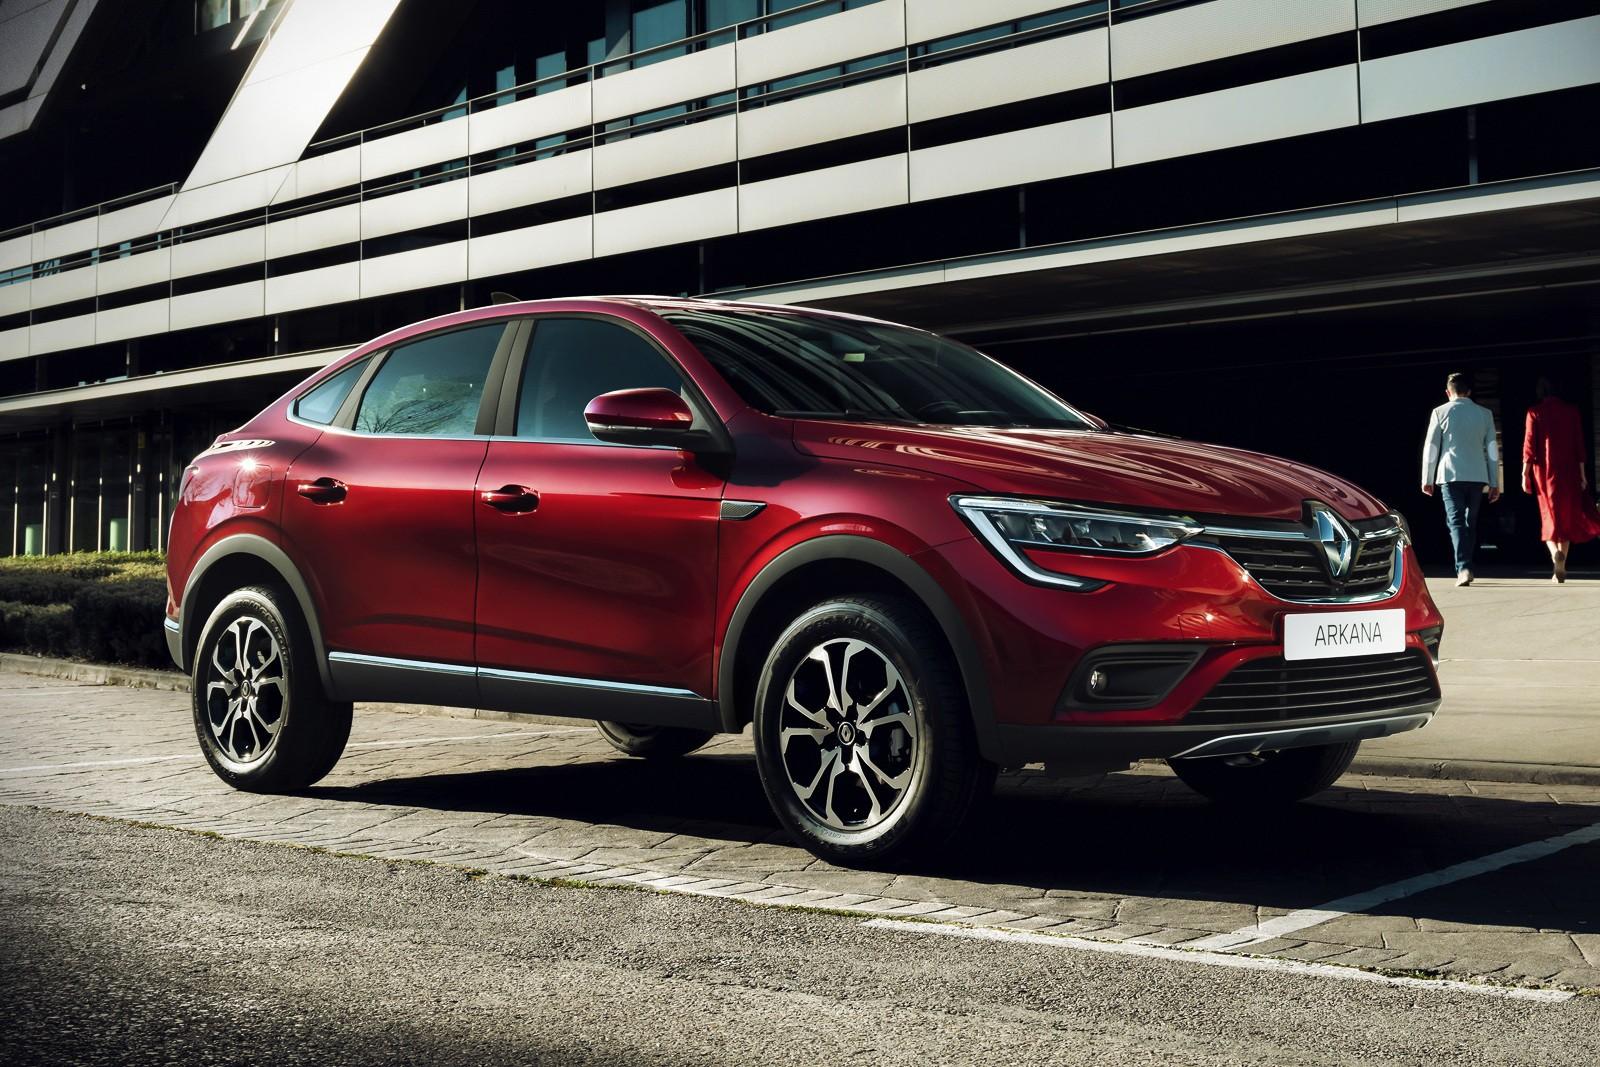 ЗАЗ будет собирать кроссовер Renault Arkana объявлены комплектации и стоимость модели для украинского рынка — от 497 тыс. грн